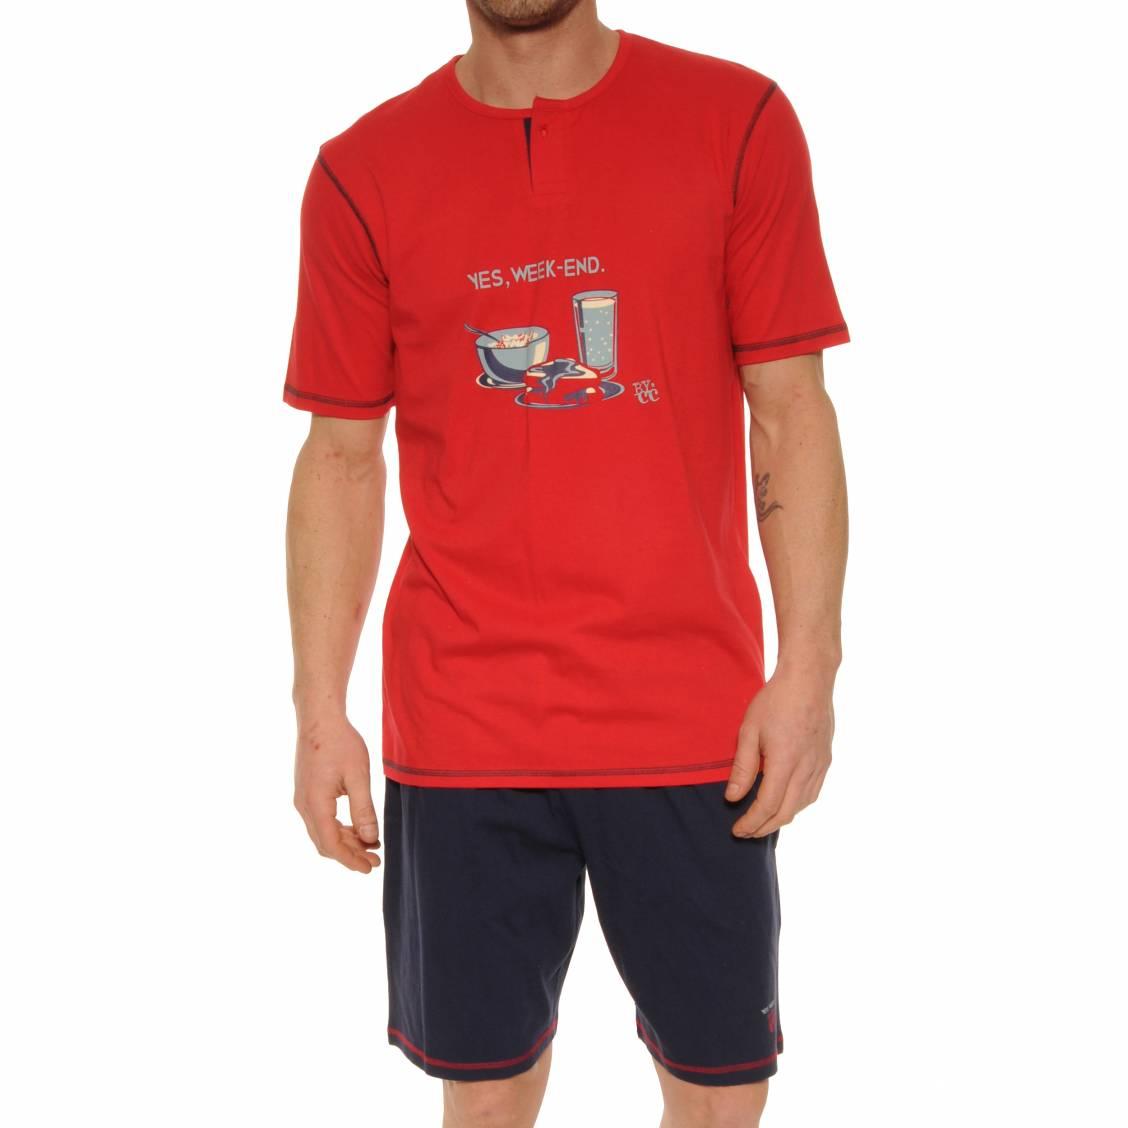 Pyjama court Christian Cane Megadimanche en coton : tee-shirt col tunisien rouge floqué  Yes, Week-end , short bleu marine